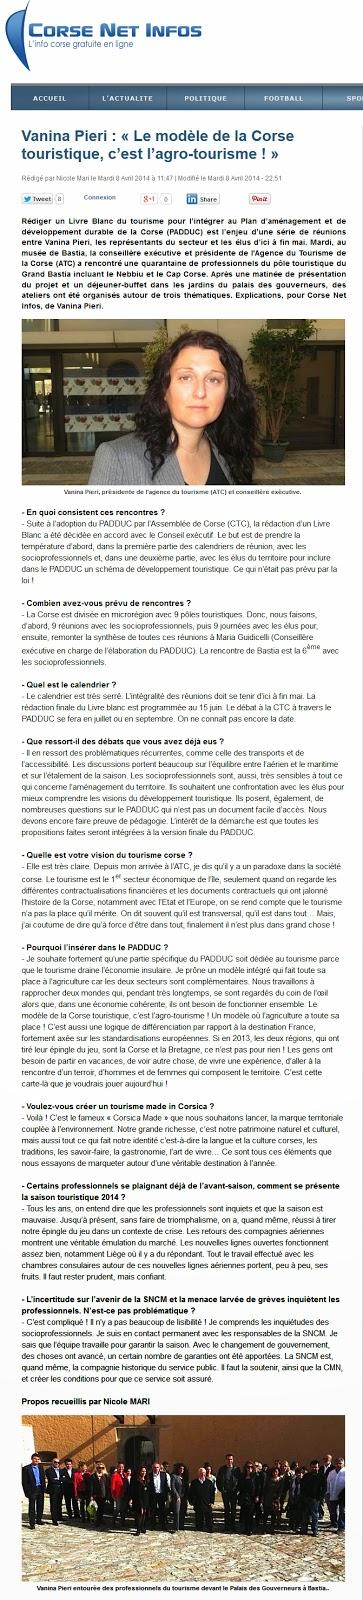 http://www.corsenetinfos.fr/Vanina-Pieri-Le-modele-de-la-Corse-touristique-c-est-l-agro-tourisme-_a8559.html